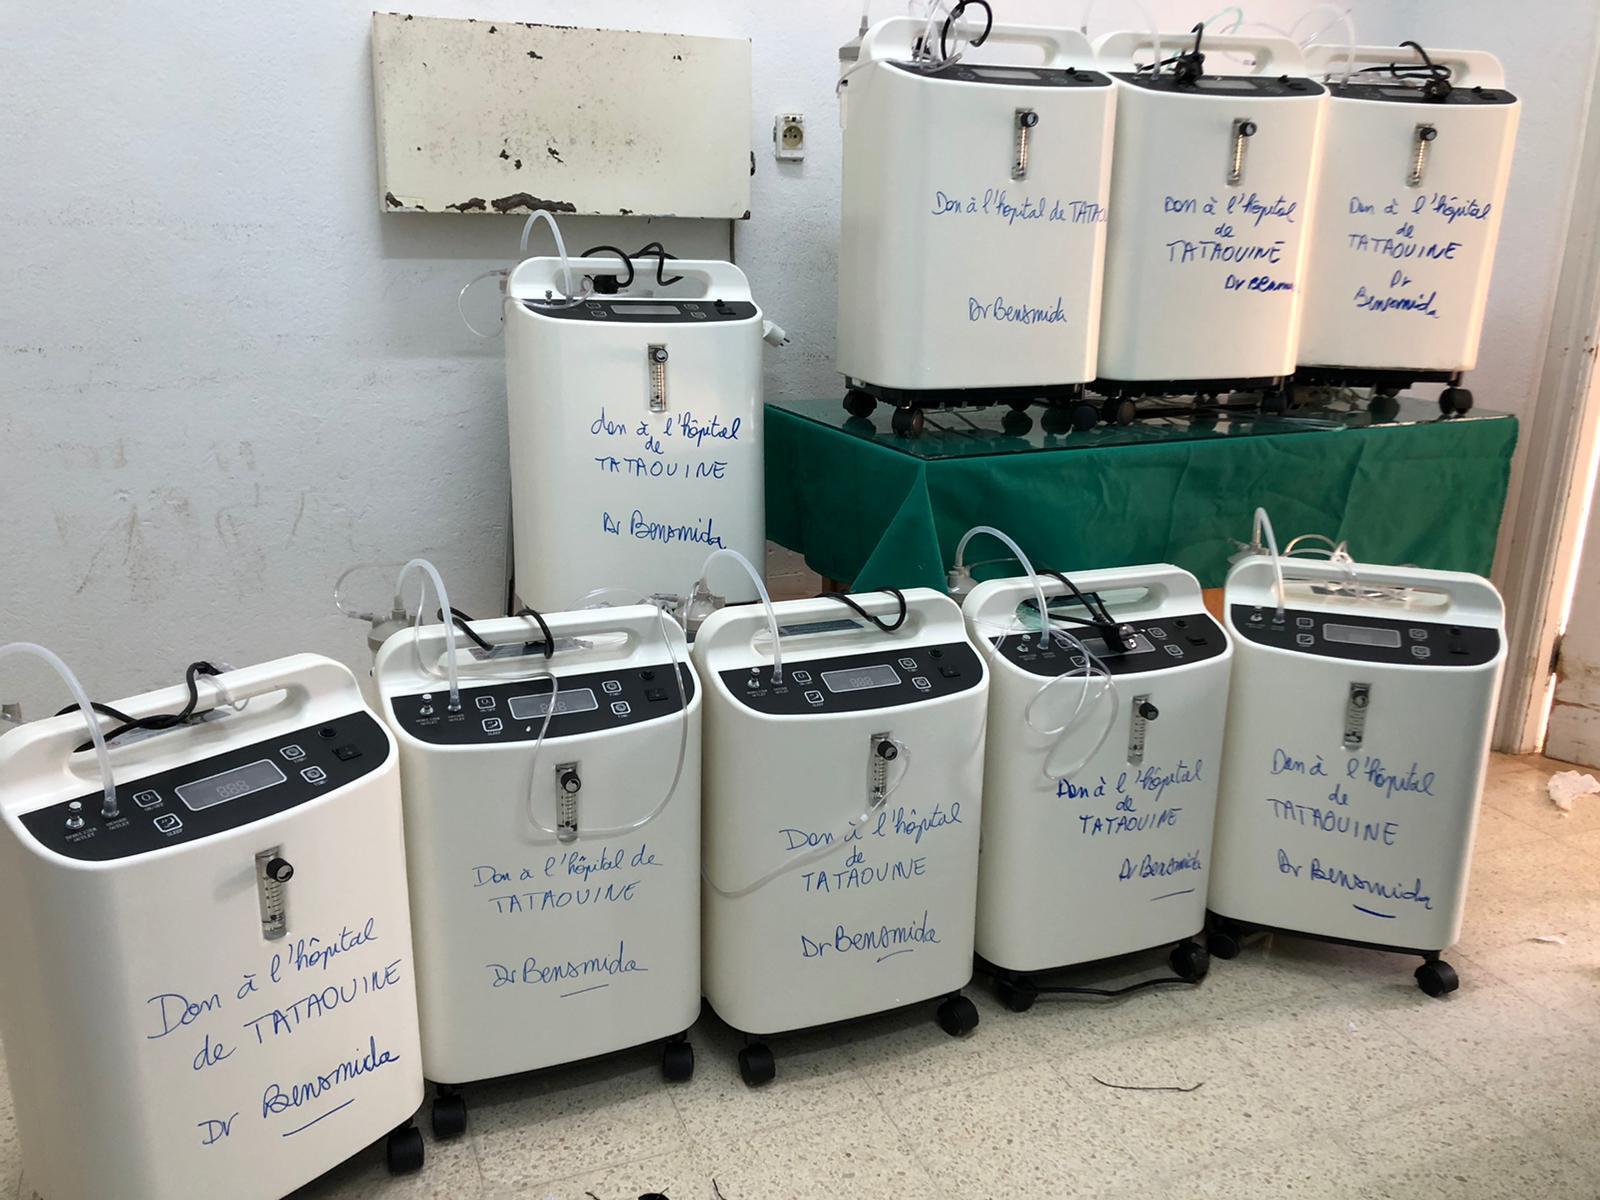 Concentrateurs d'oxygène achetés par le Dr Bachir Bensemida, le 20 juillet.